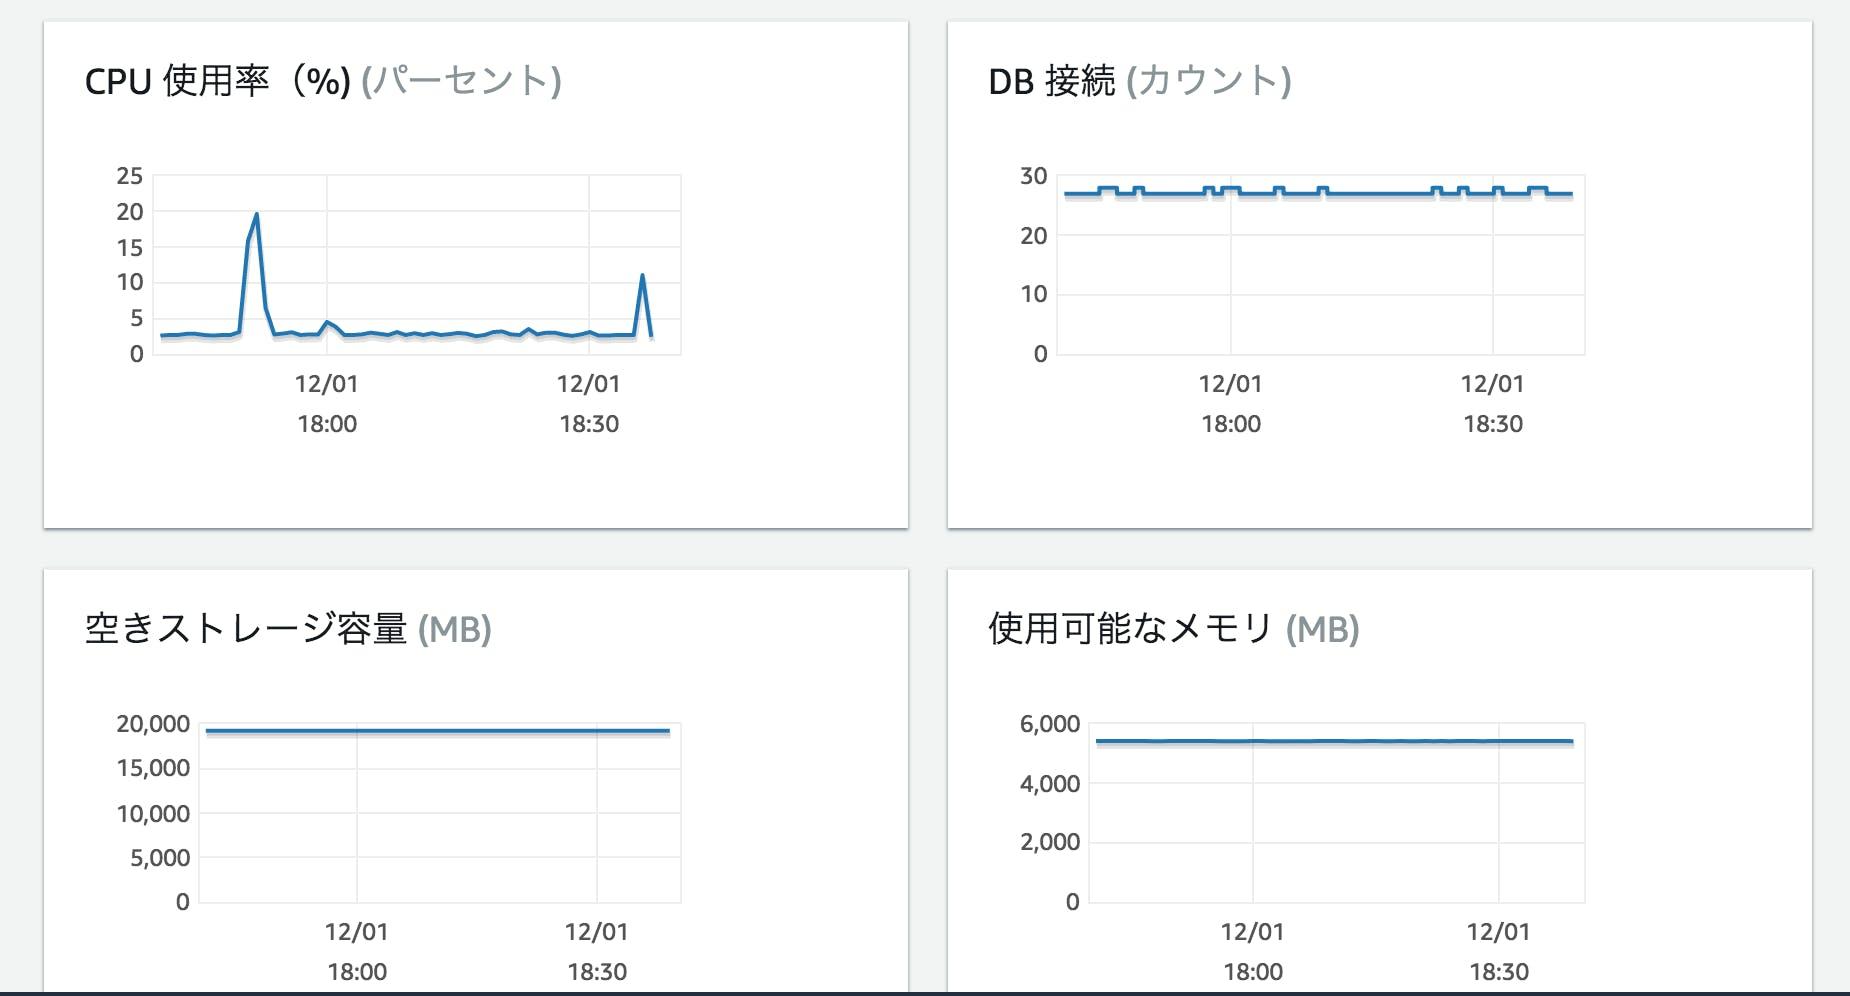 スクリーンショット 2018-12-01 18.40.40.png